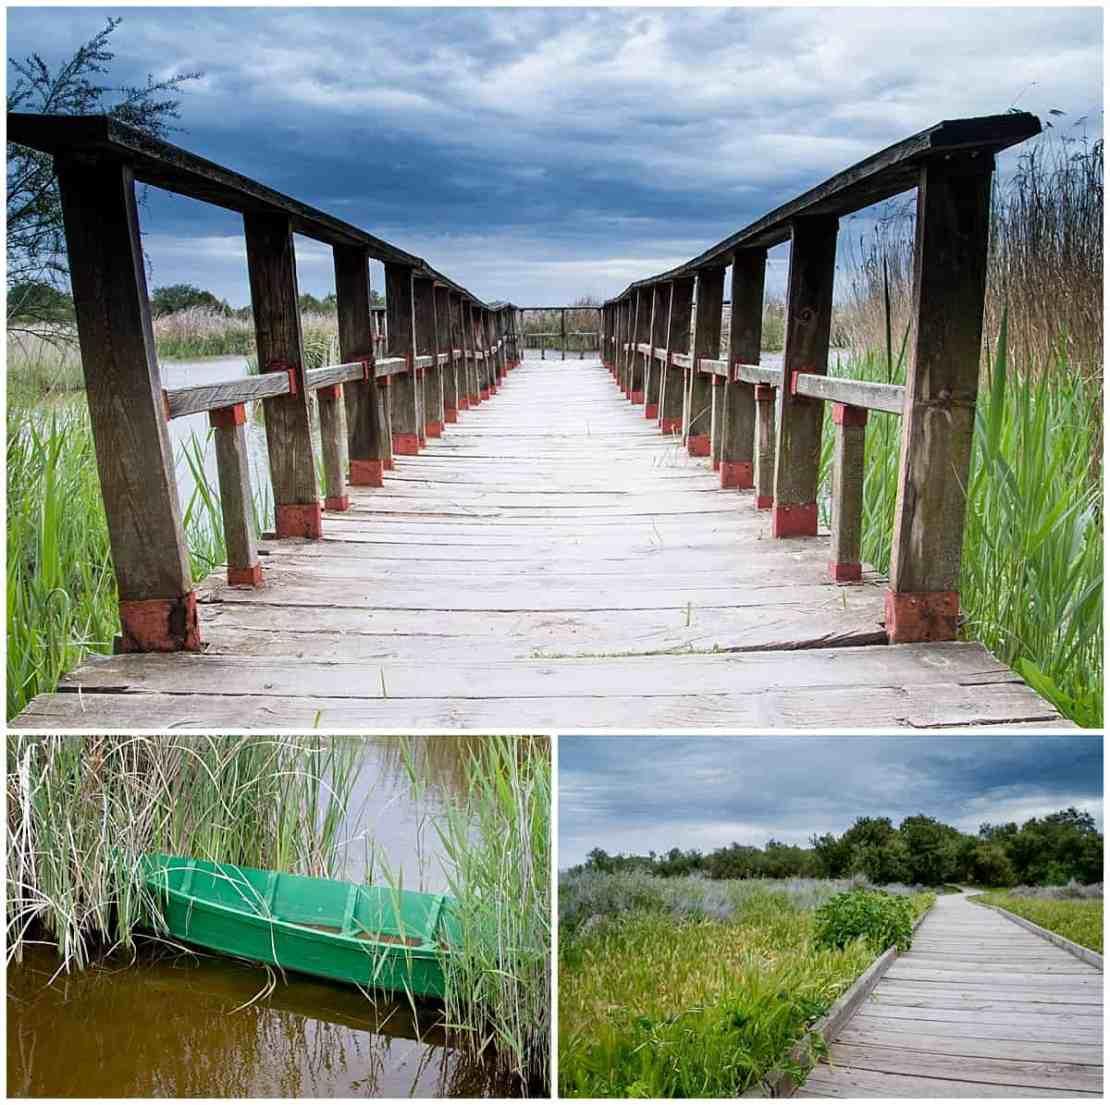 Tablas de Daimiel Spain walkways and wetlands